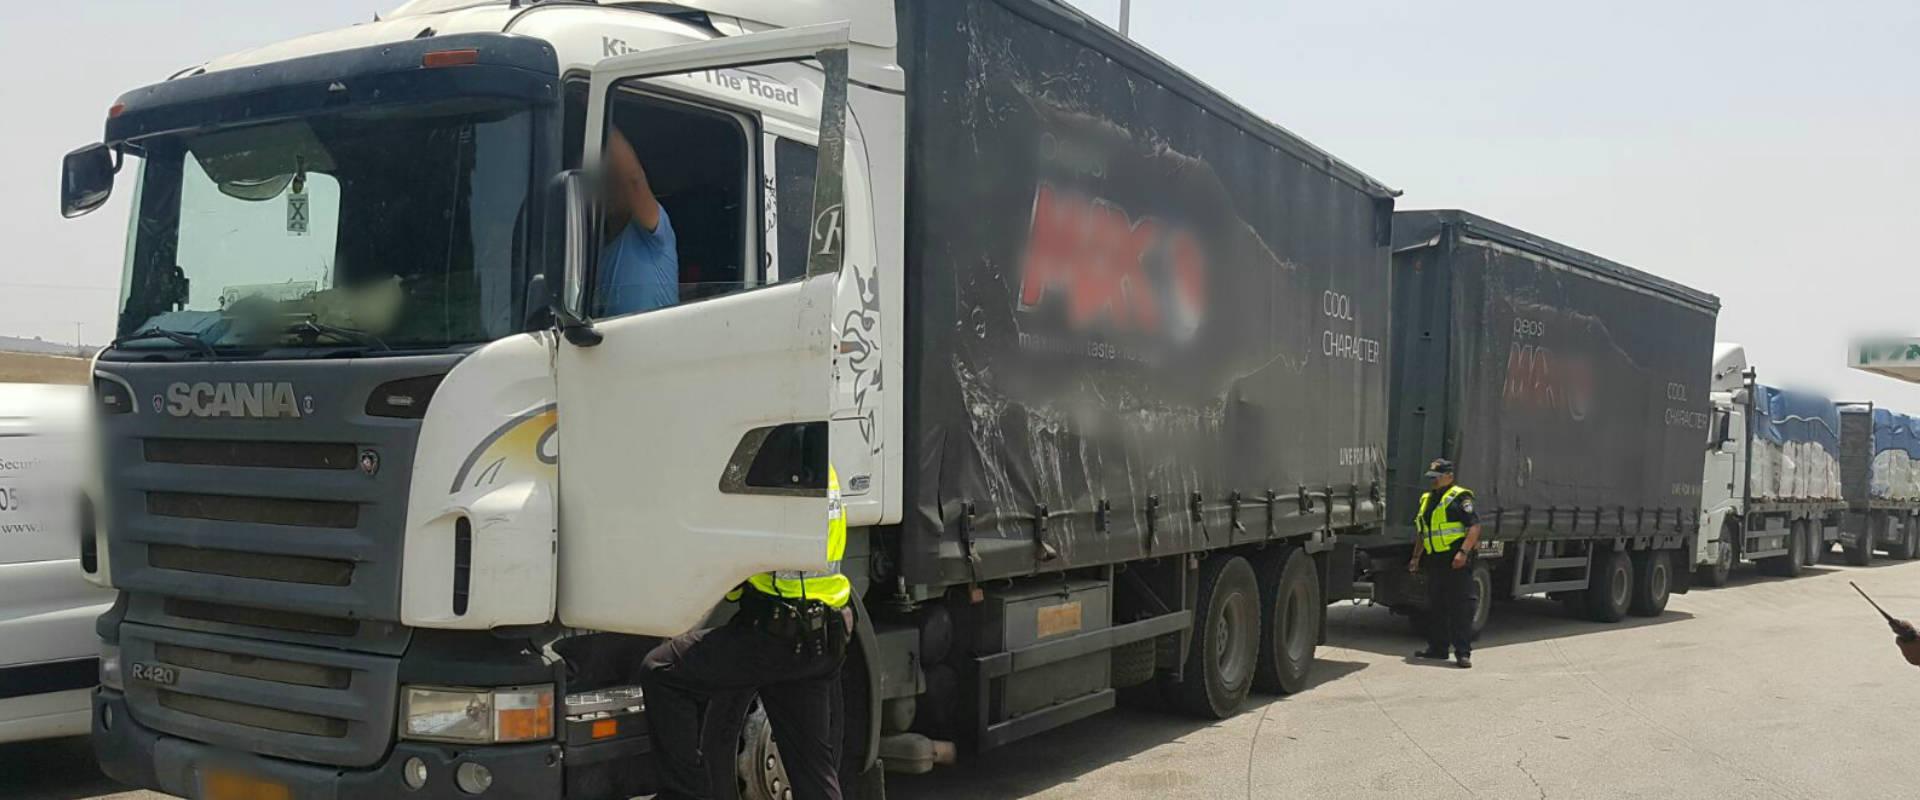 הנהג והמשאית עם הליקויים